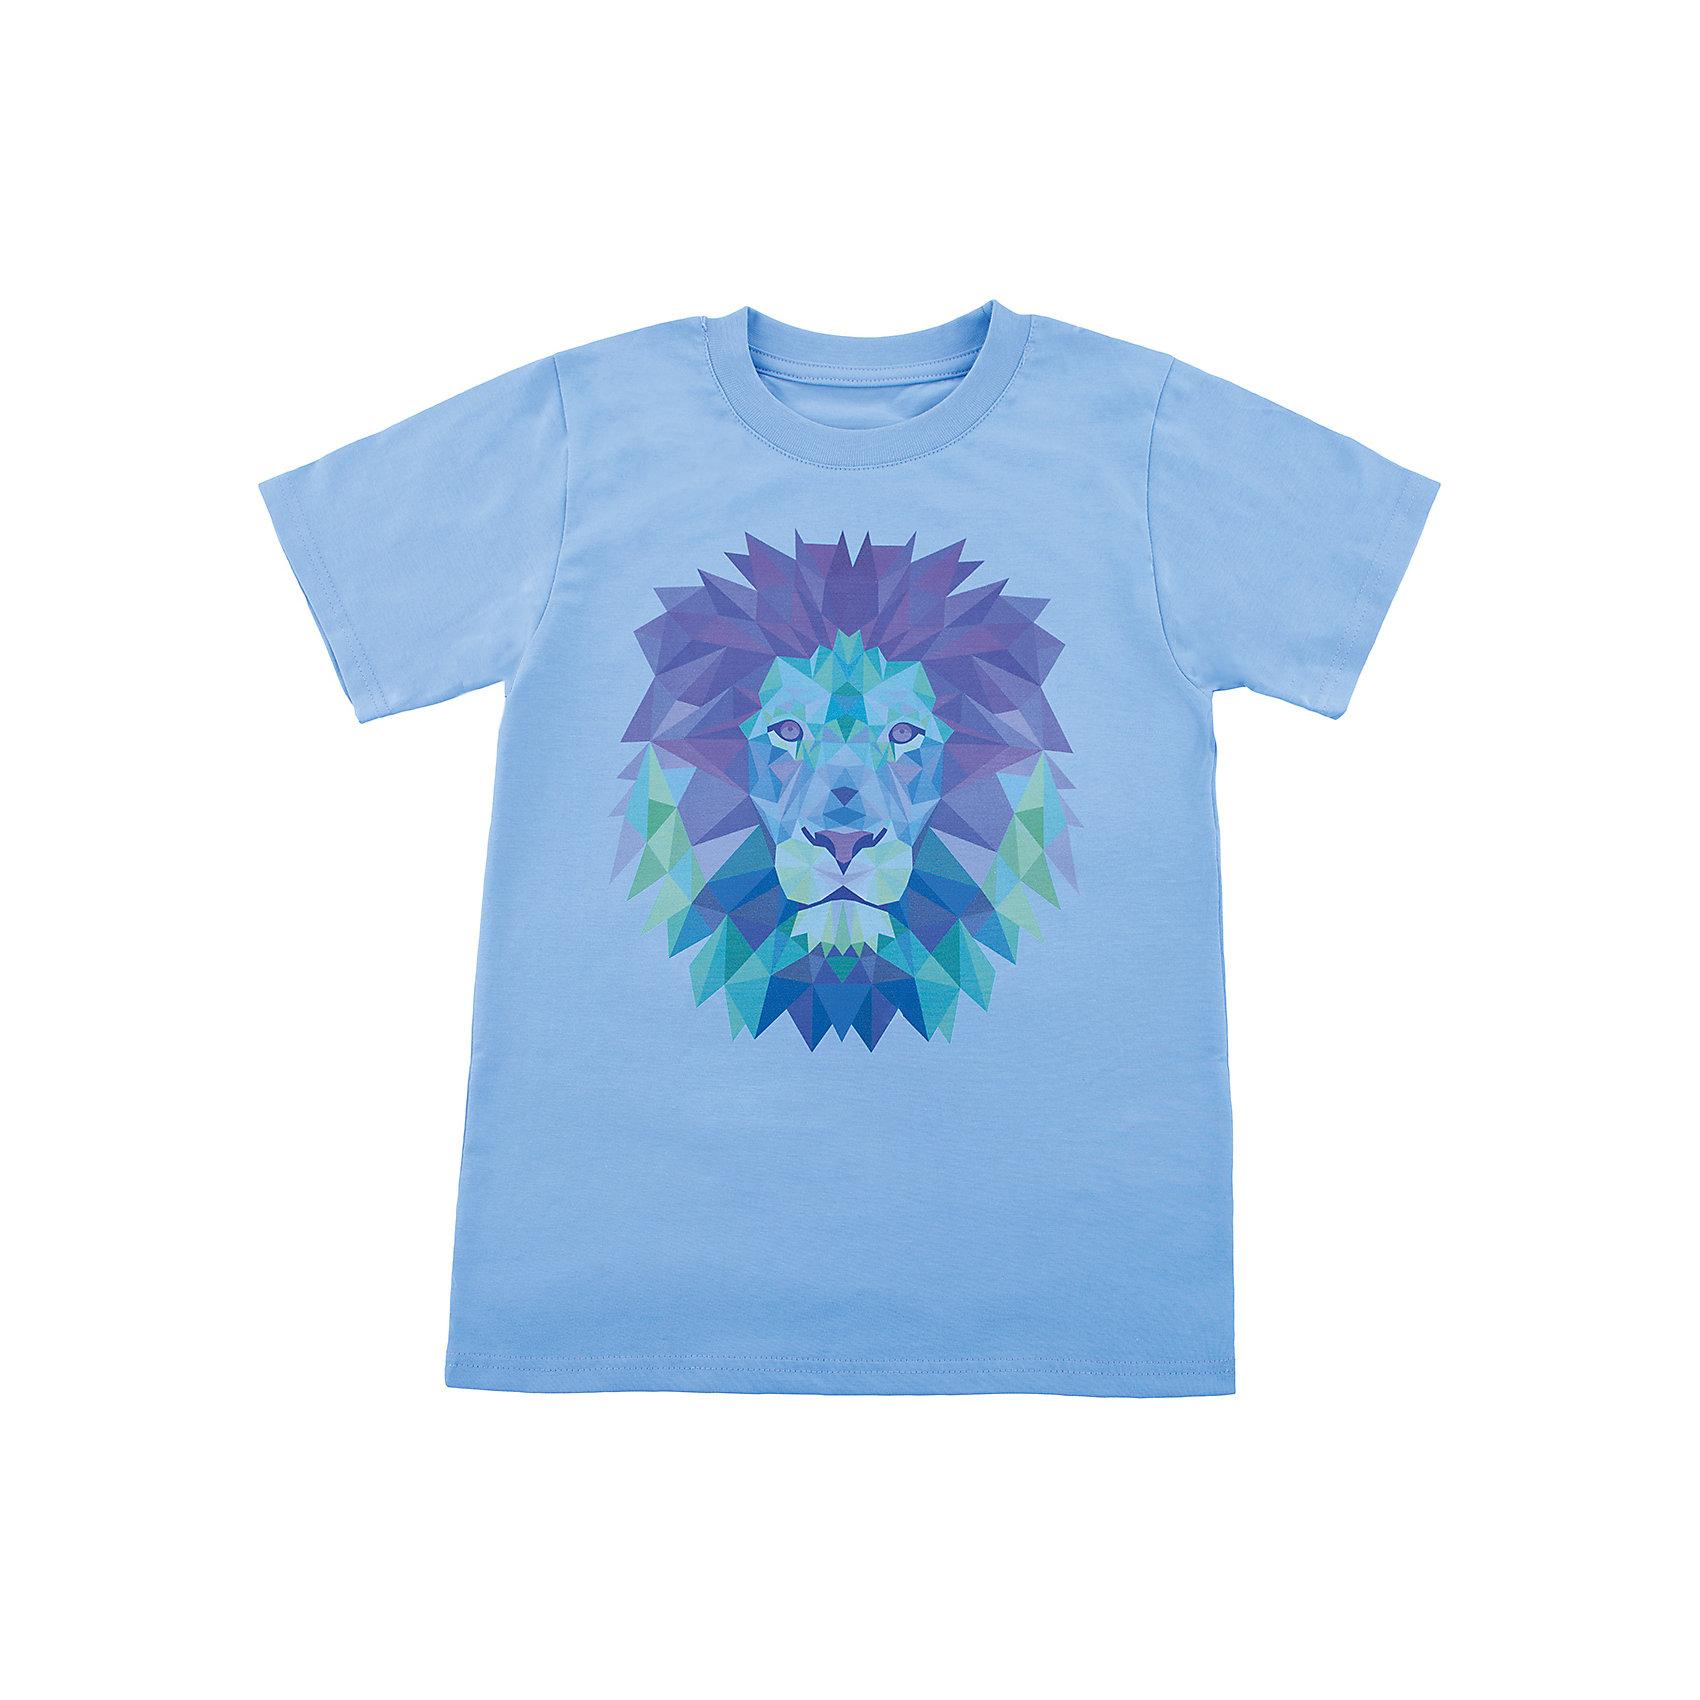 Футболка для девочки WOWФутболки, поло и топы<br>Футболка для девочки WOW<br>Незаменимой вещью в  гардеробе послужит футболка с коротким рукавом. Стильная и в тоже время комфортная модель, с яркой оригинальной печатью, будет превосходно смотреться на ребенке.<br>Состав:<br>кулирная гладь 100% хлопок<br><br>Ширина мм: 199<br>Глубина мм: 10<br>Высота мм: 161<br>Вес г: 151<br>Цвет: голубой<br>Возраст от месяцев: 156<br>Возраст до месяцев: 168<br>Пол: Женский<br>Возраст: Детский<br>Размер: 164,128,134,140,146,152,158<br>SKU: 6871612